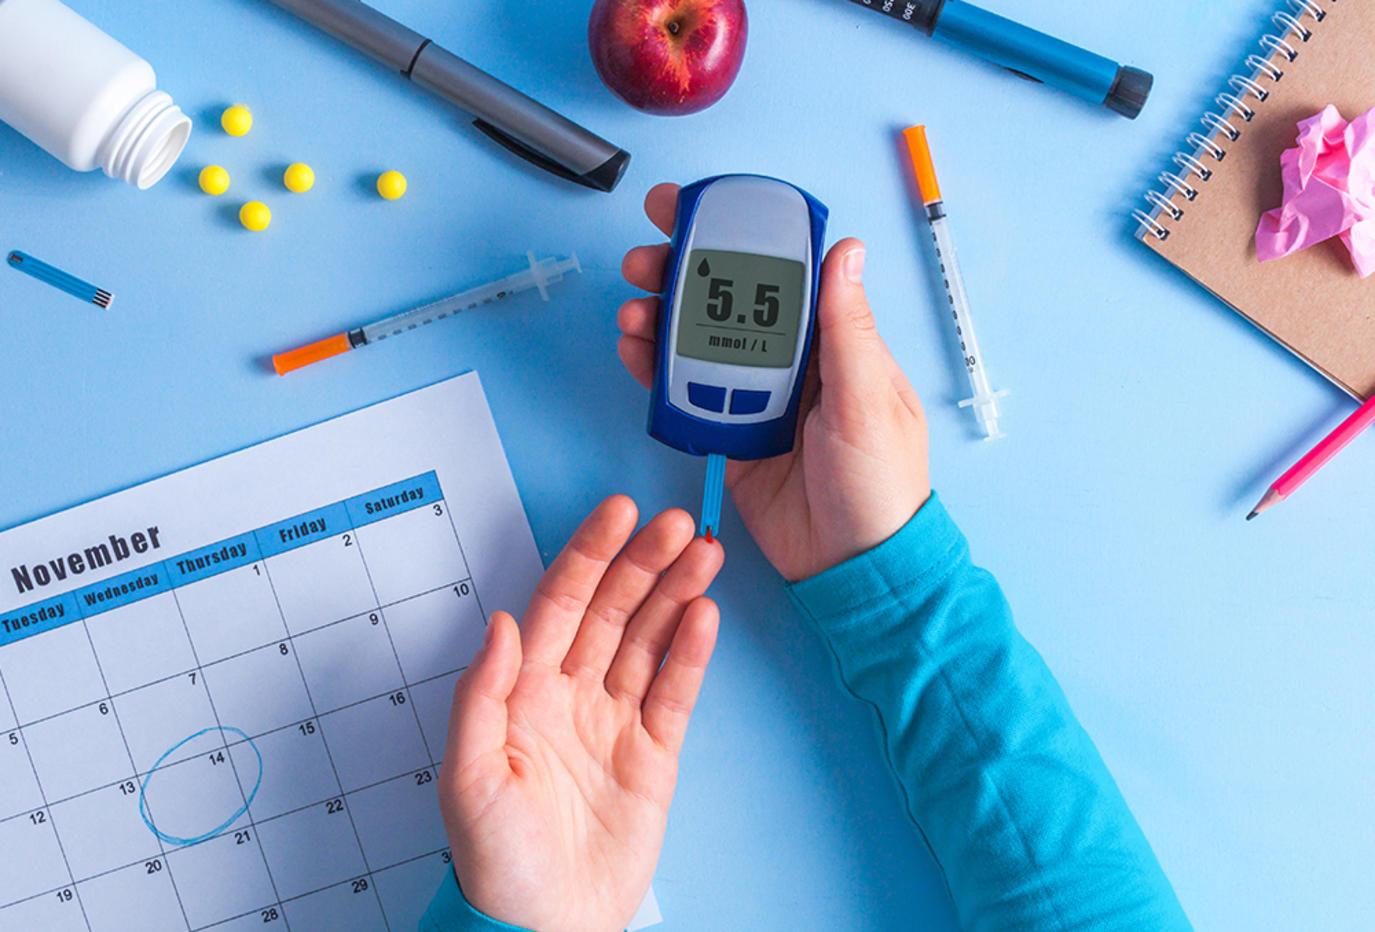 دراسة: داء السكري مرض يمكن تجنبه